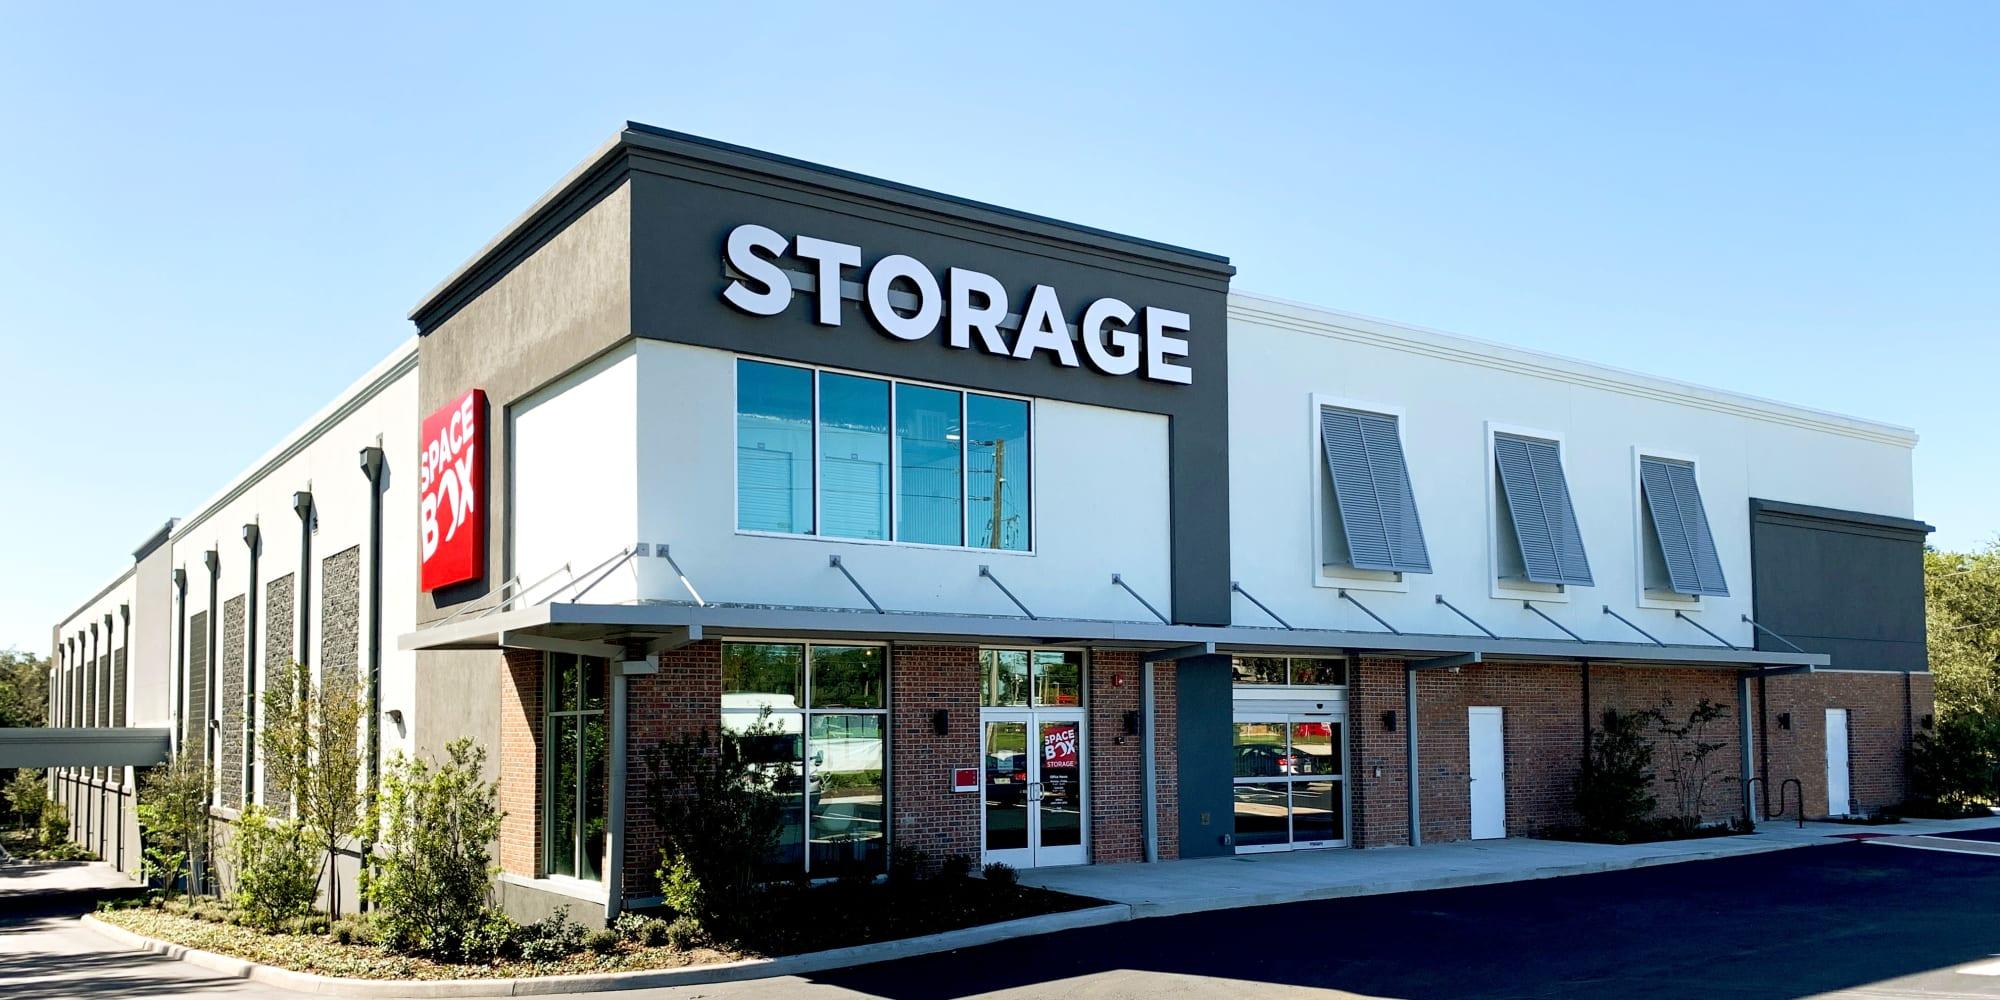 Spacebox Storage Apopka in Apopka, Florida